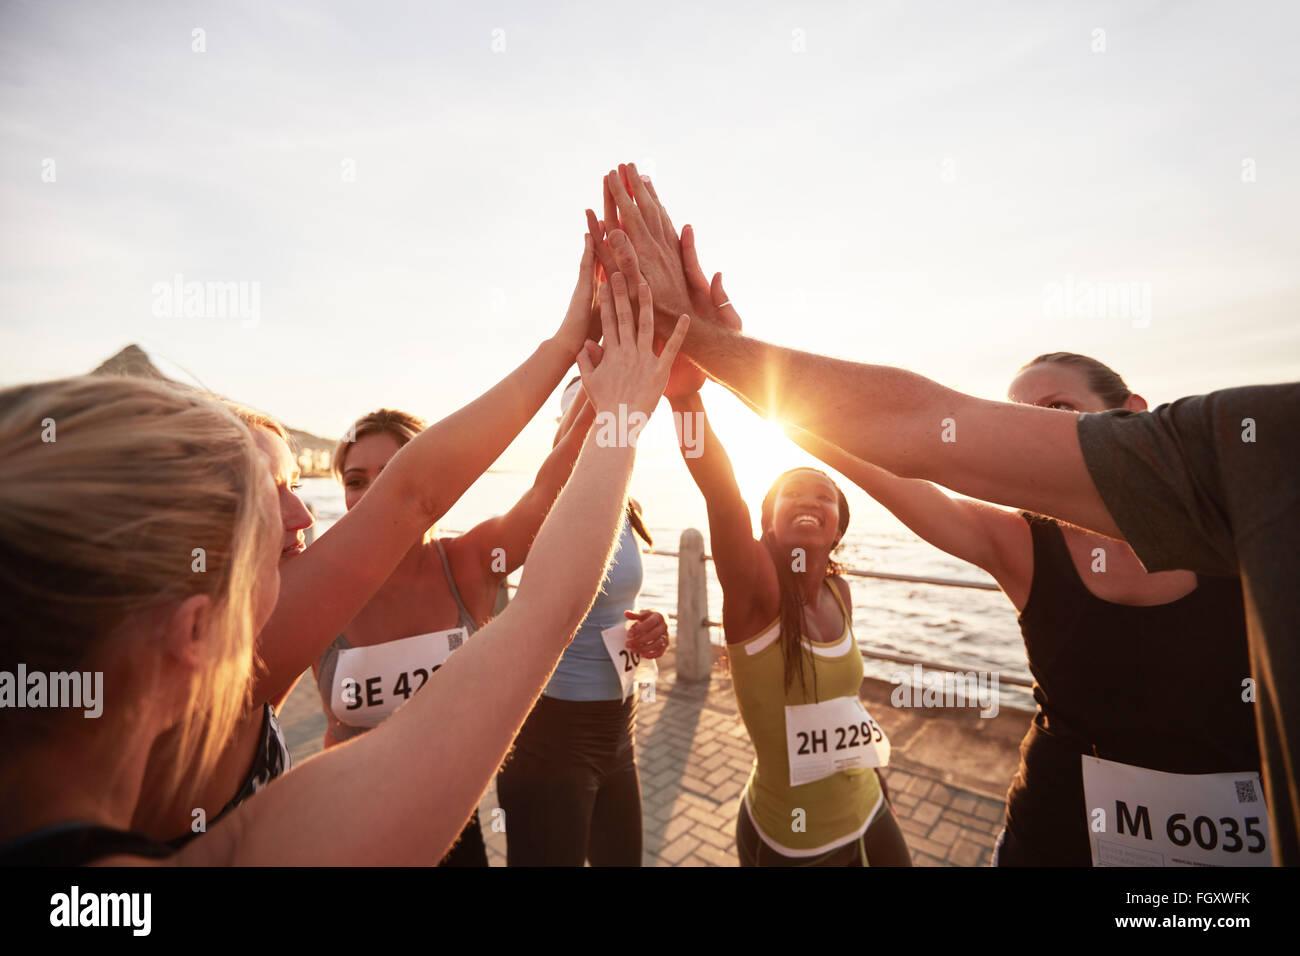 Sportliche Team mit ihren Händen gestapelt zusammen Erfolge feiern. Marathonläufer geben hohe fünf. Stockfoto